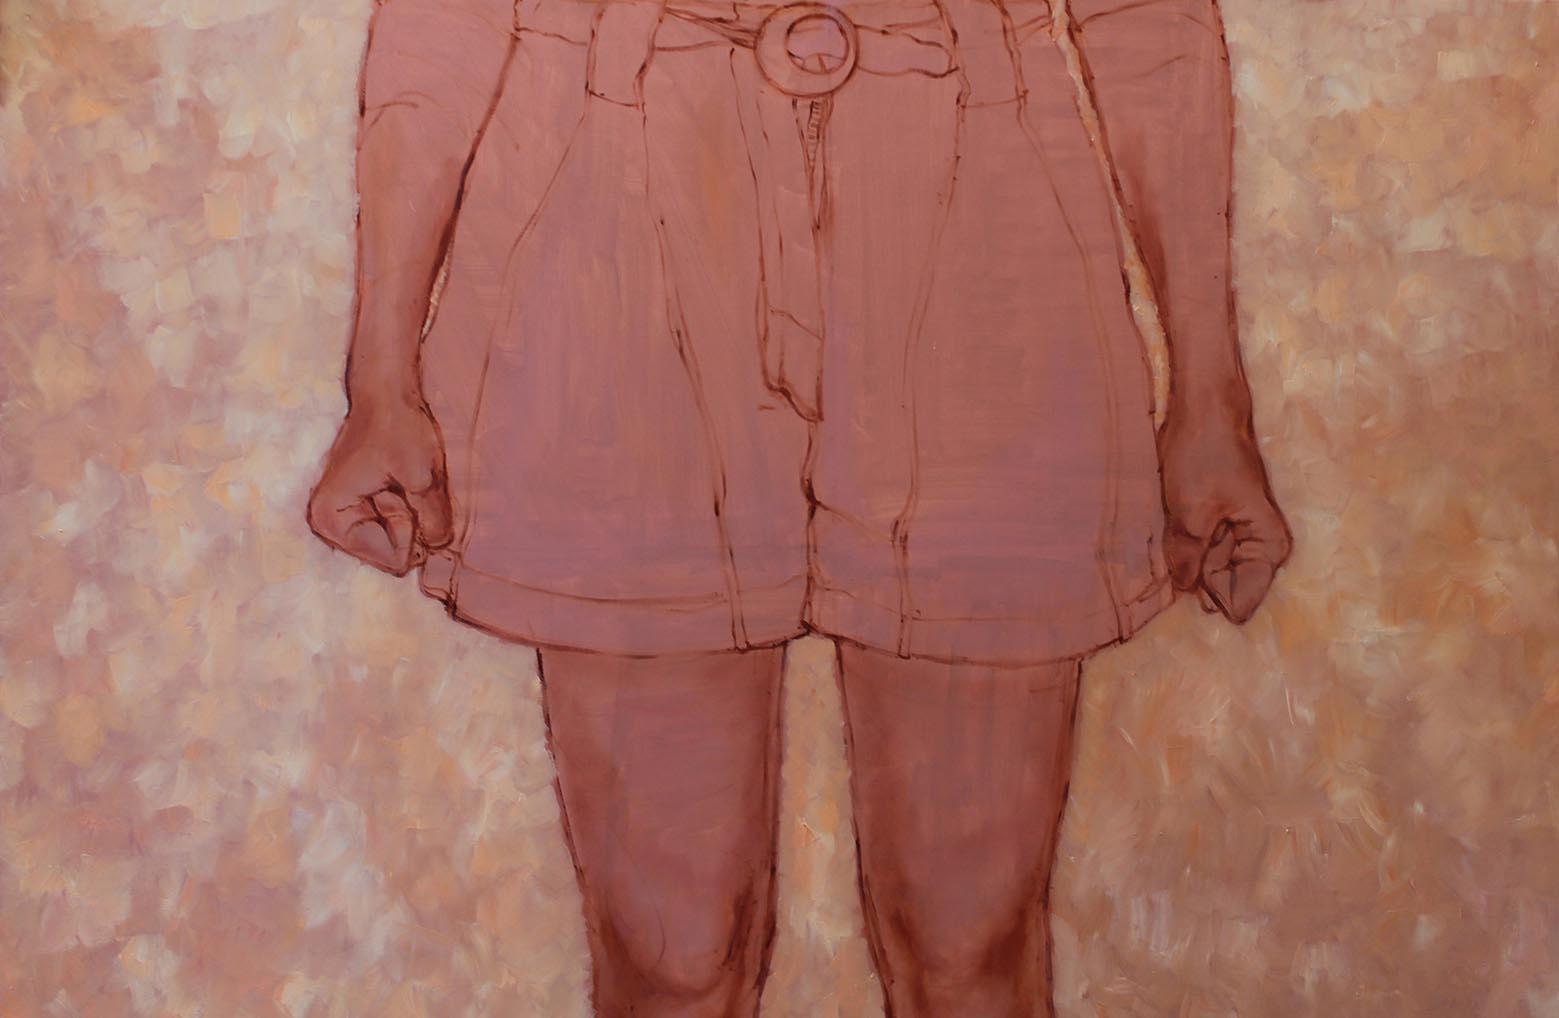 Arrabbiata,  olio su tela,70x100cm, 2012